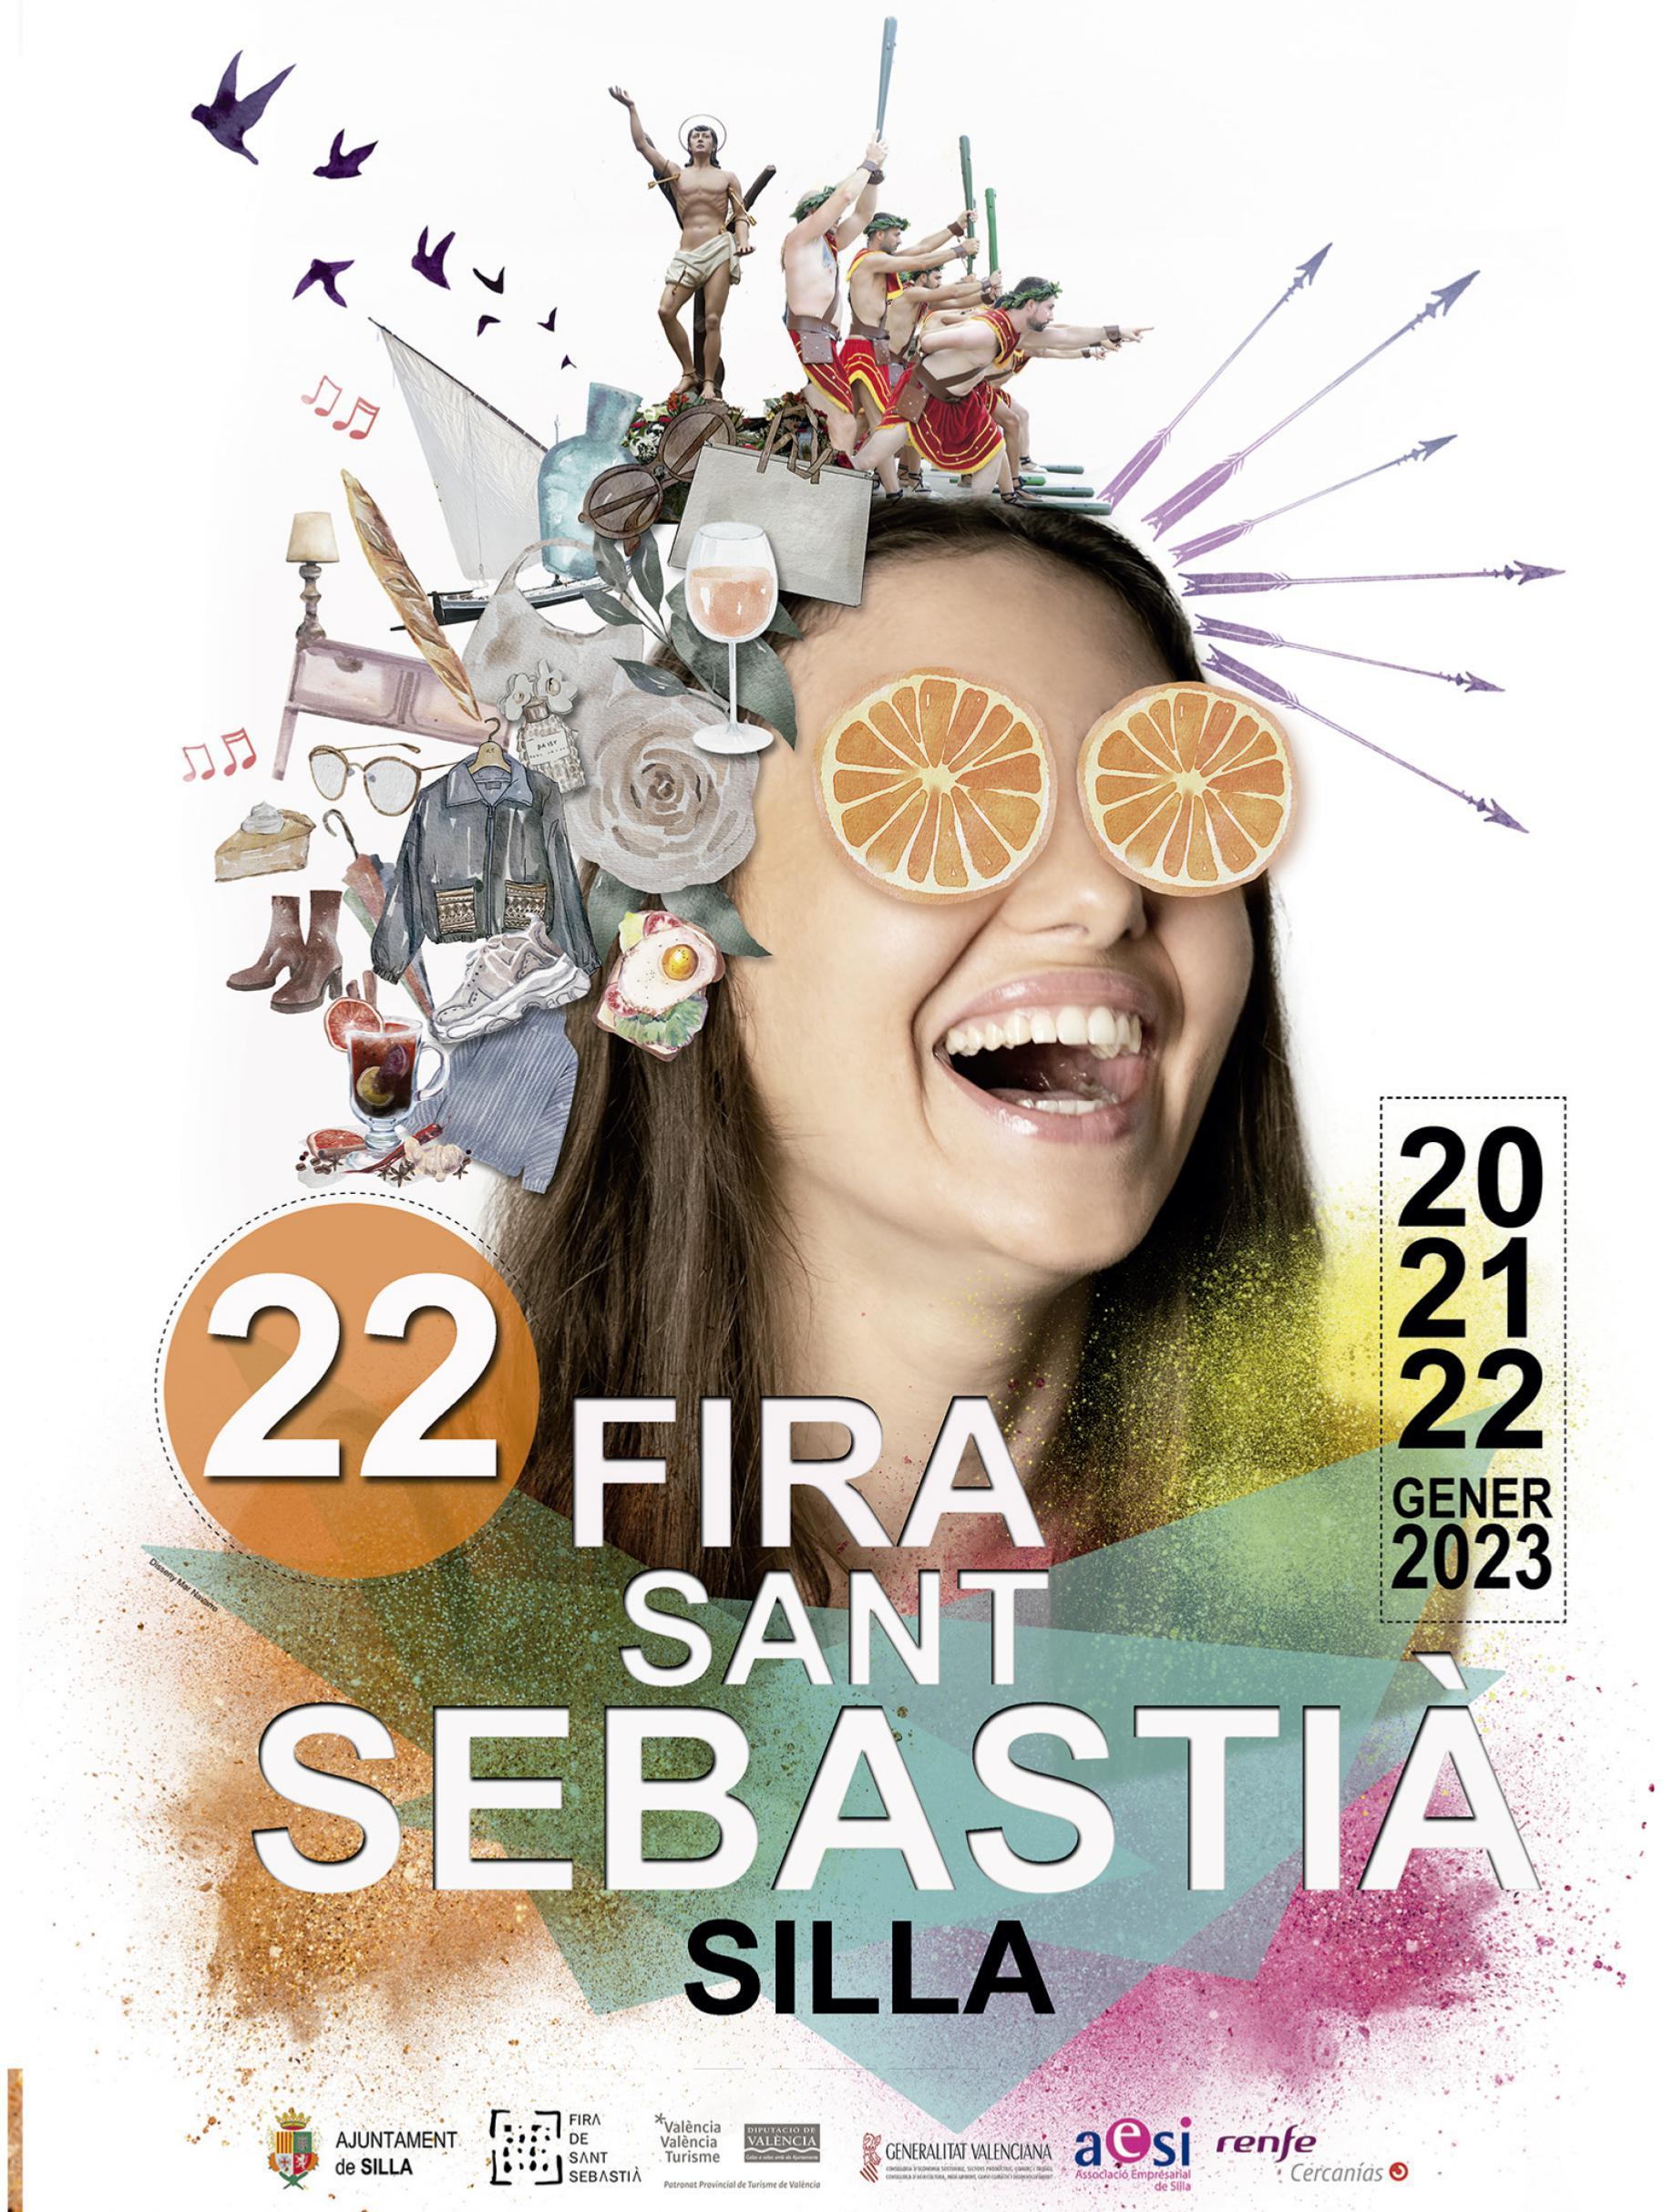 Programa de la Fira de Sant Sebastià en Silla